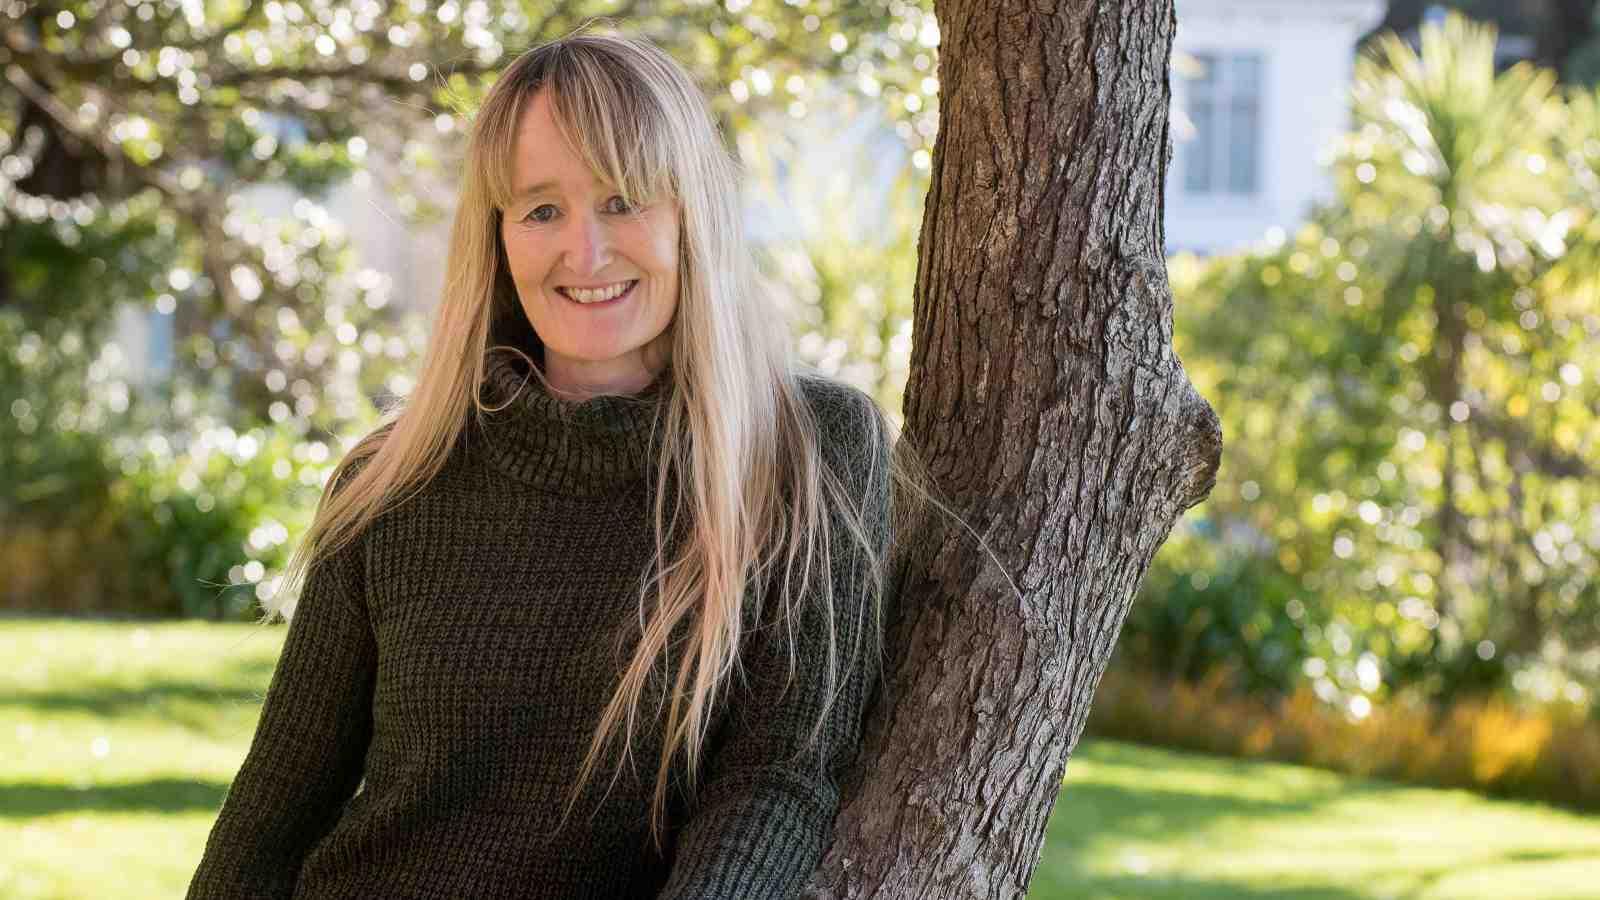 PhD candidate Katheryn Edwards